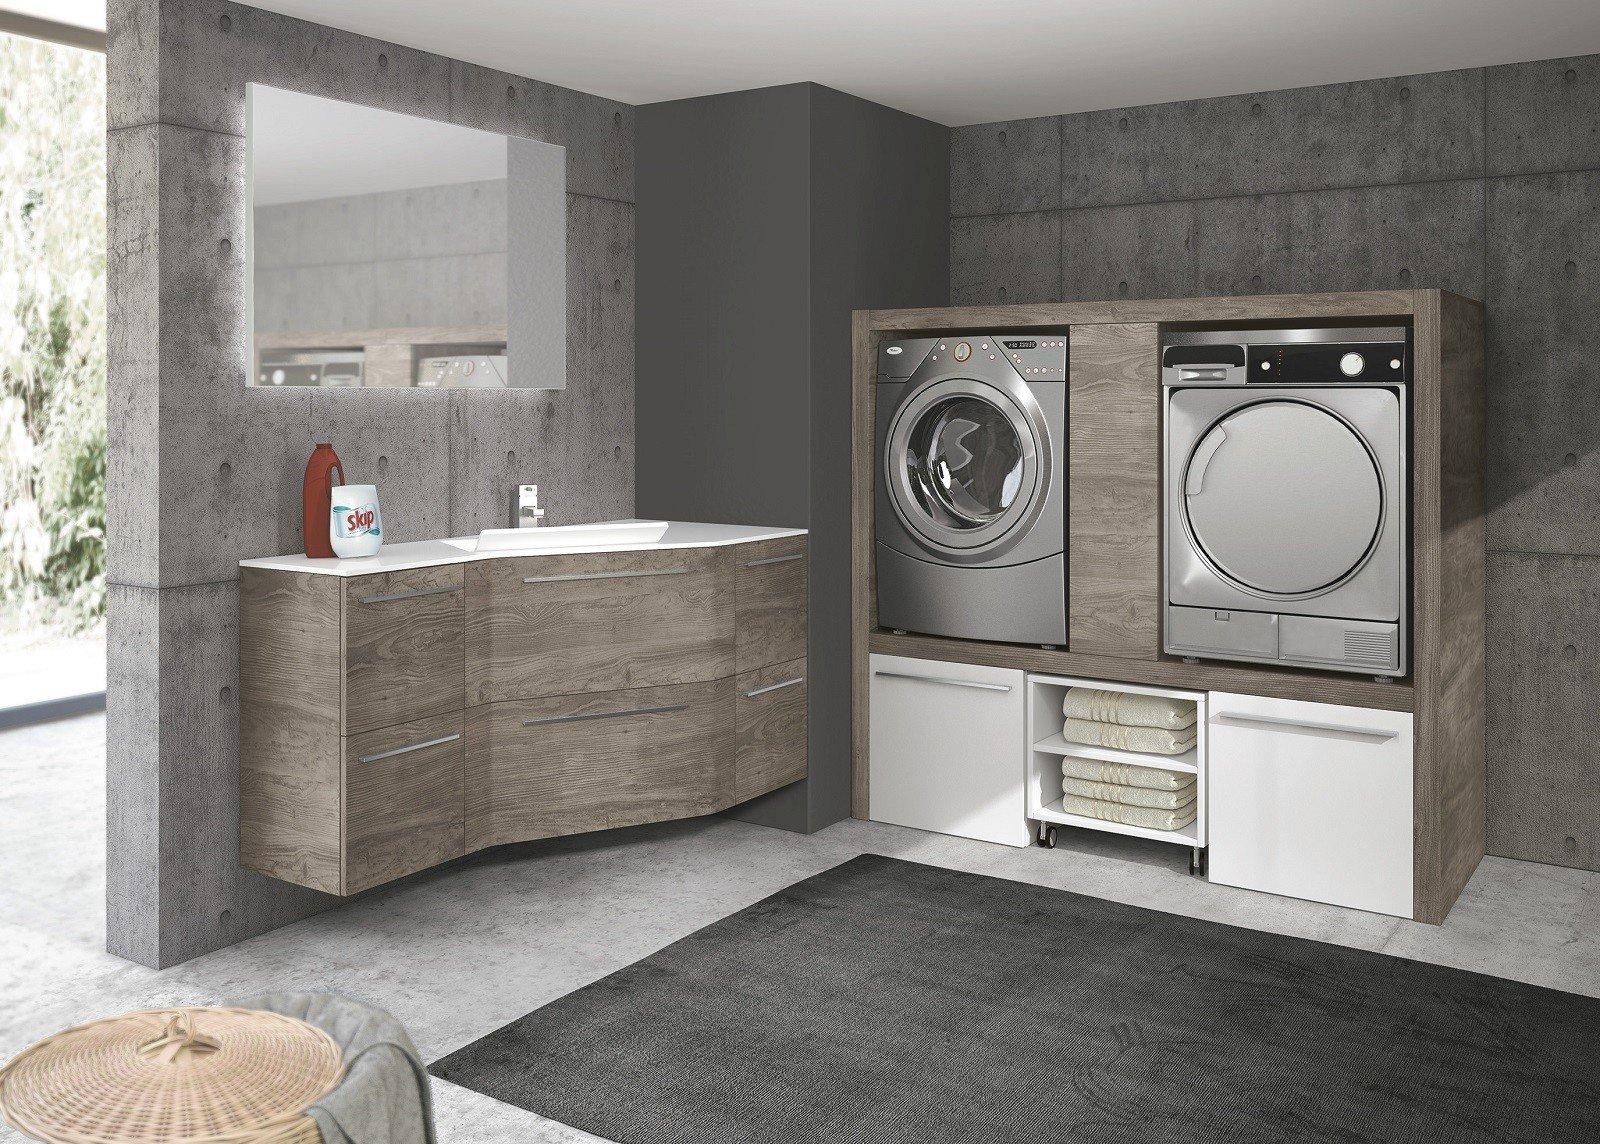 Lavanderia in un mobile o in una stanza separata cose for Case mobili normativa 2016